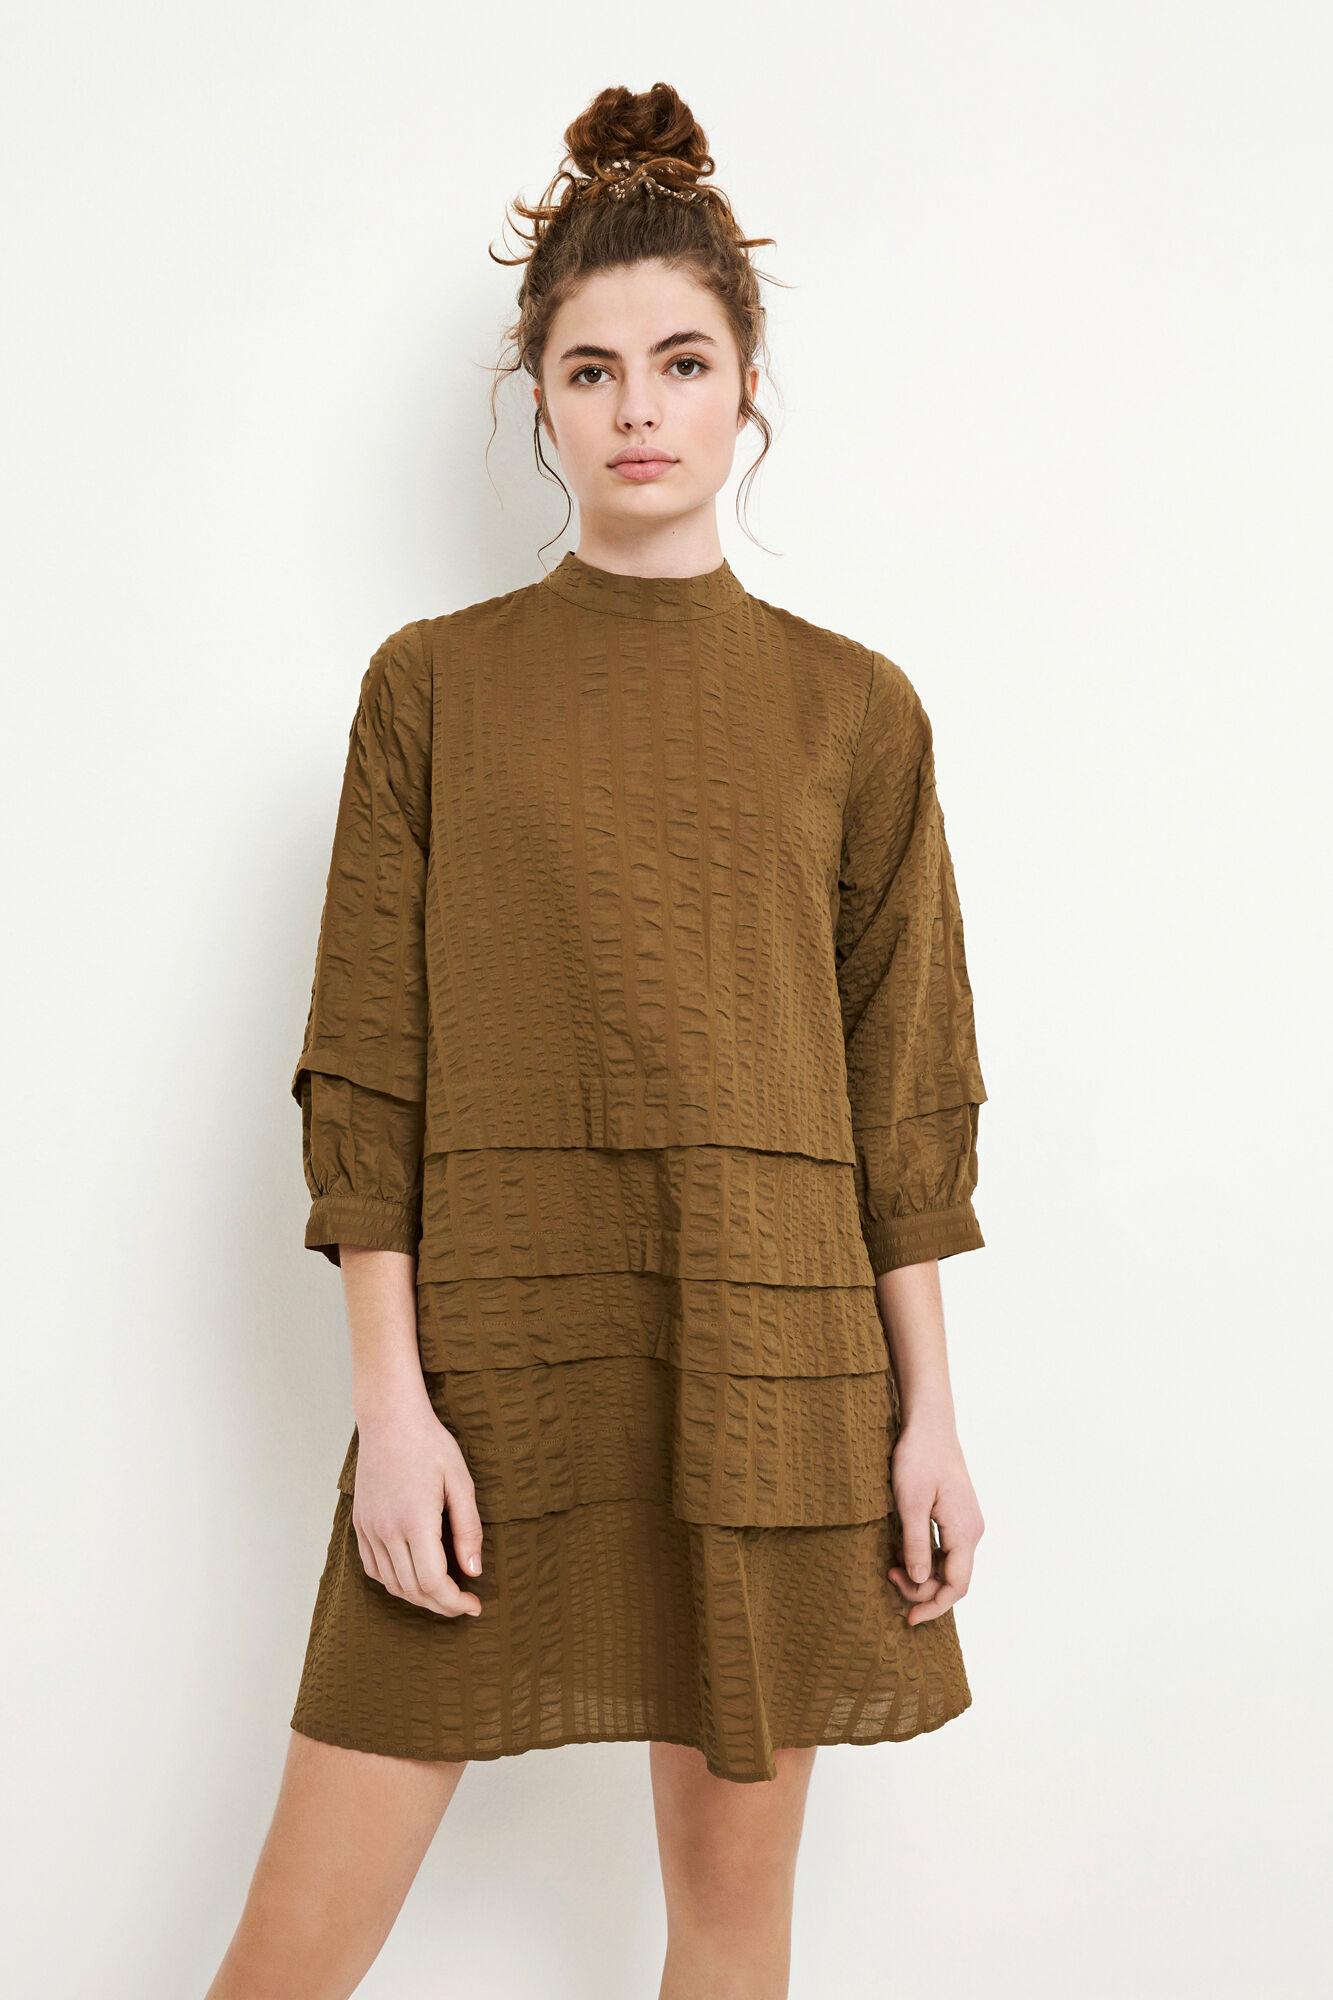 ENYELLOW 3/4 DRESS 6698